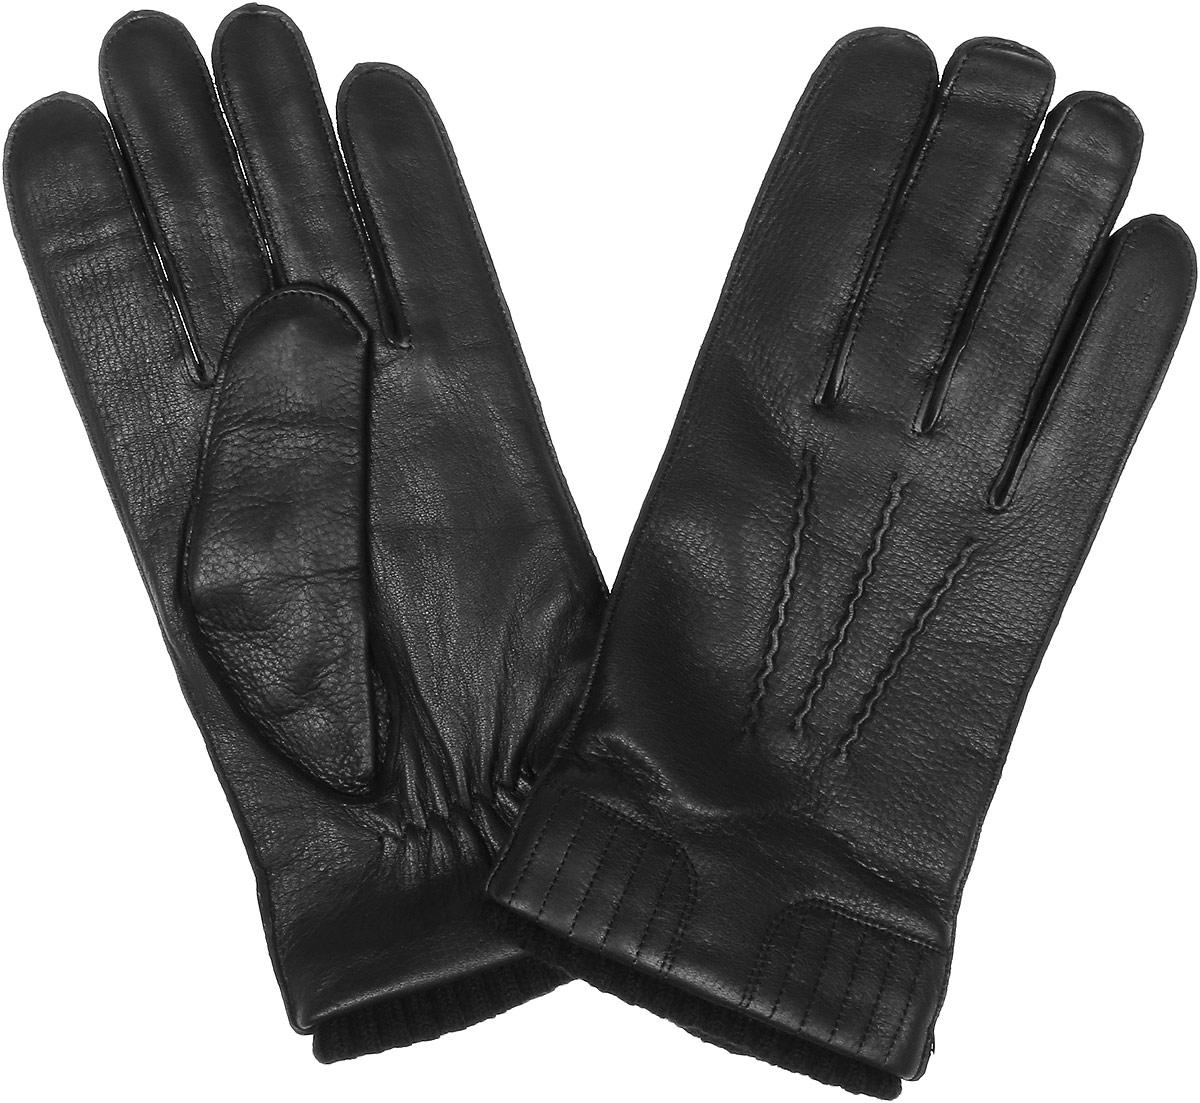 Перчатки2.55-3 cognacСтильные мужские перчатки Fabretti не только защитят ваши руки от холода, но и станут великолепным украшением. Перчатки выполнены из натуральной кожи с подкладкой из шерсти и кашемира. Модель декорирована прострочкой три луча и дополнена стяжкой на запястье. Перчатки станут завершающим и подчеркивающим элементом вашего стиля.